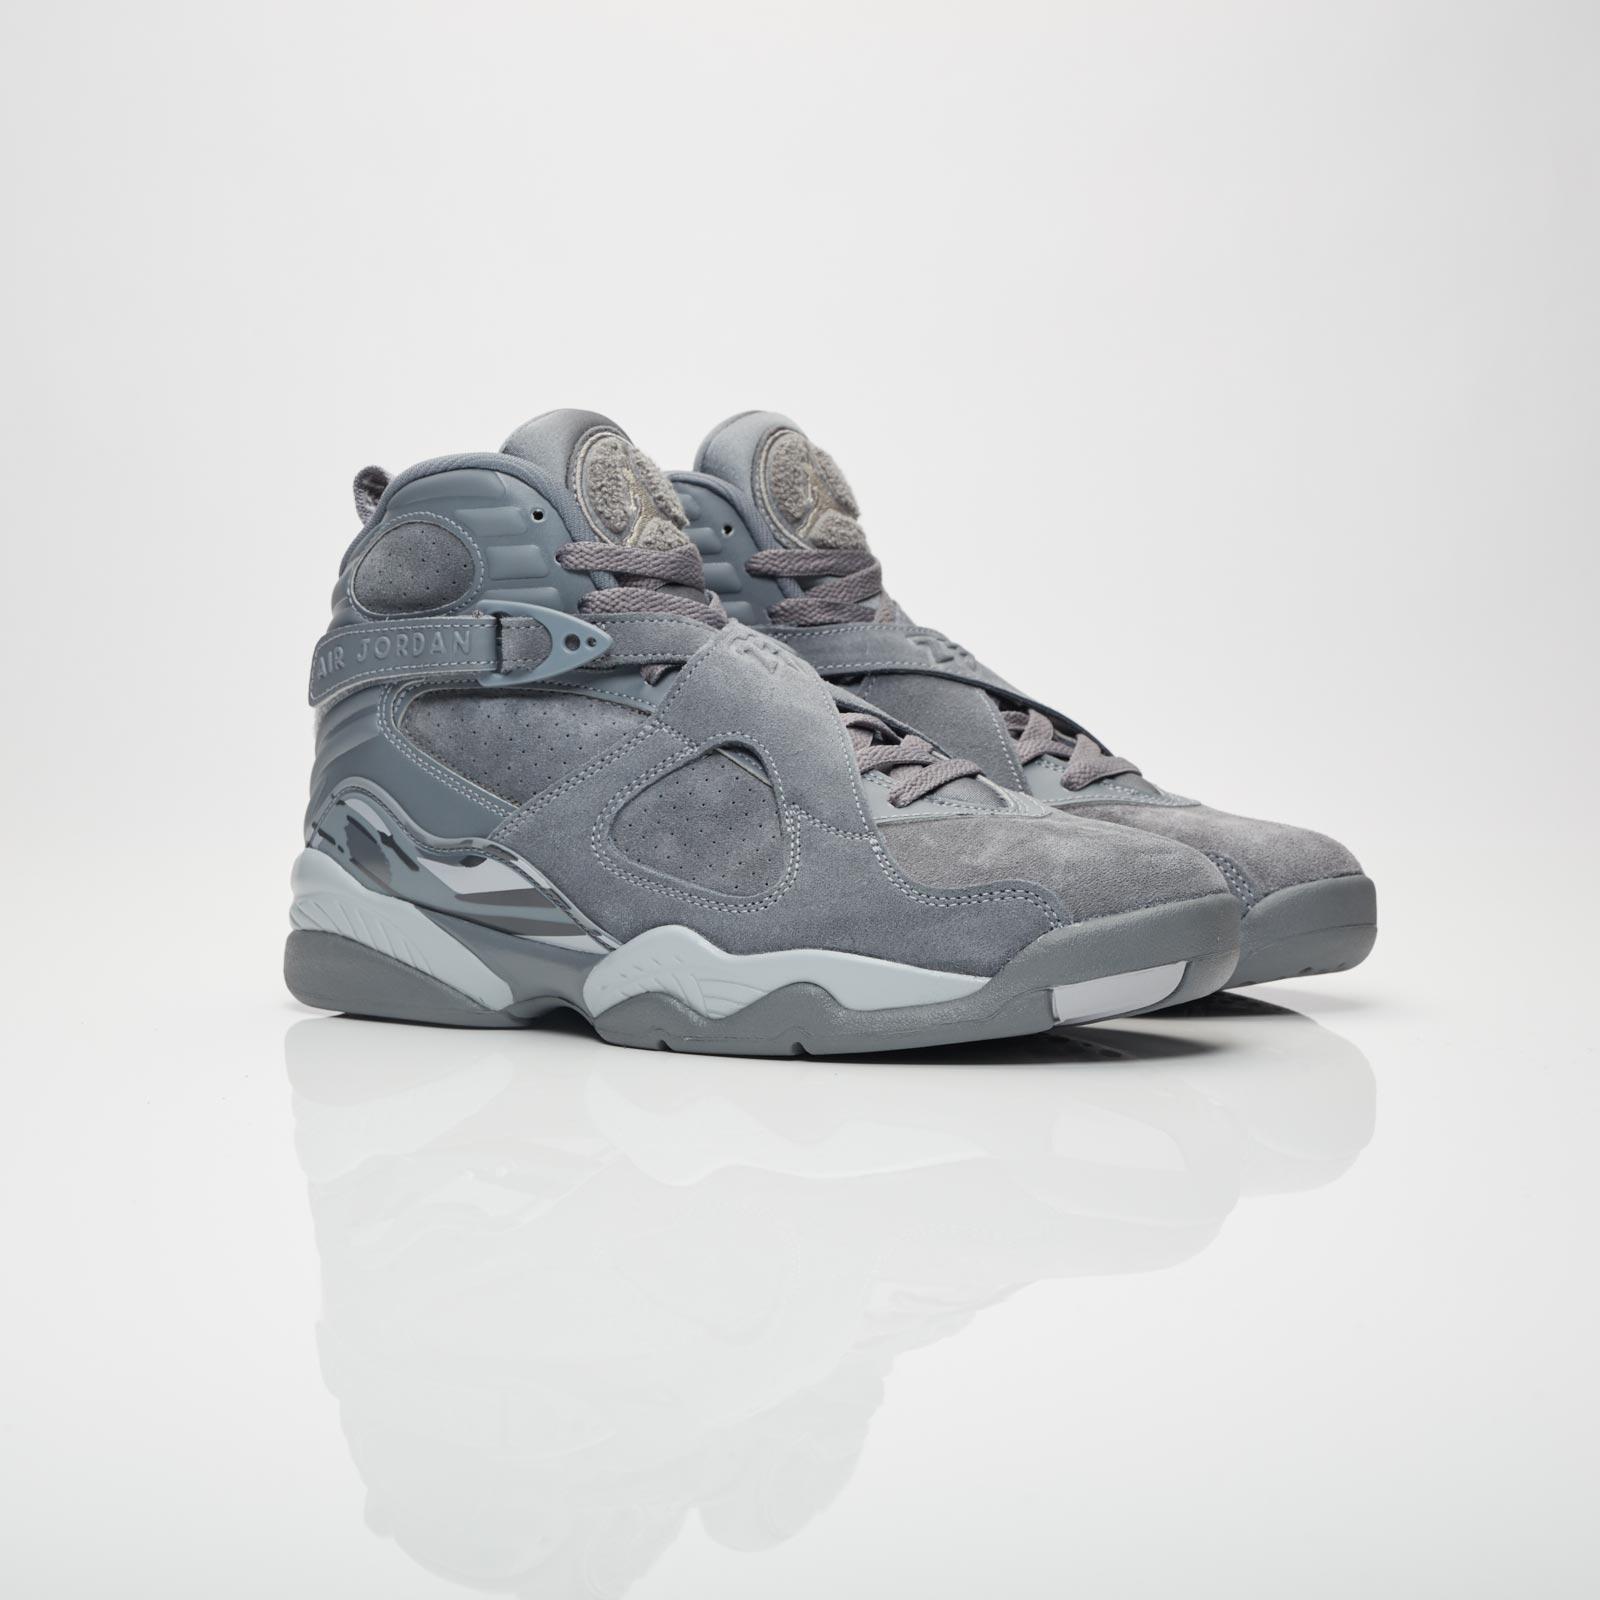 online store 80dc9 47267 Jordan Brand Air Jordan 8 Retro - 305381-014 ...